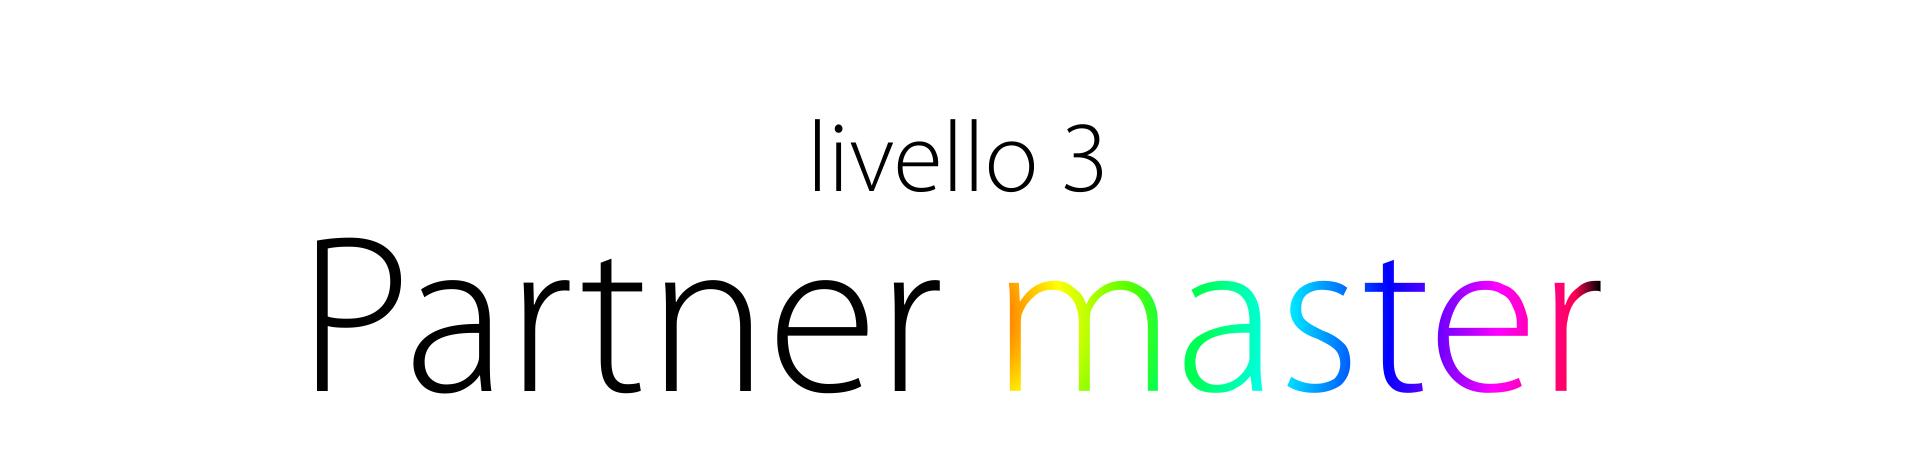 promelit - smartipartner master.png